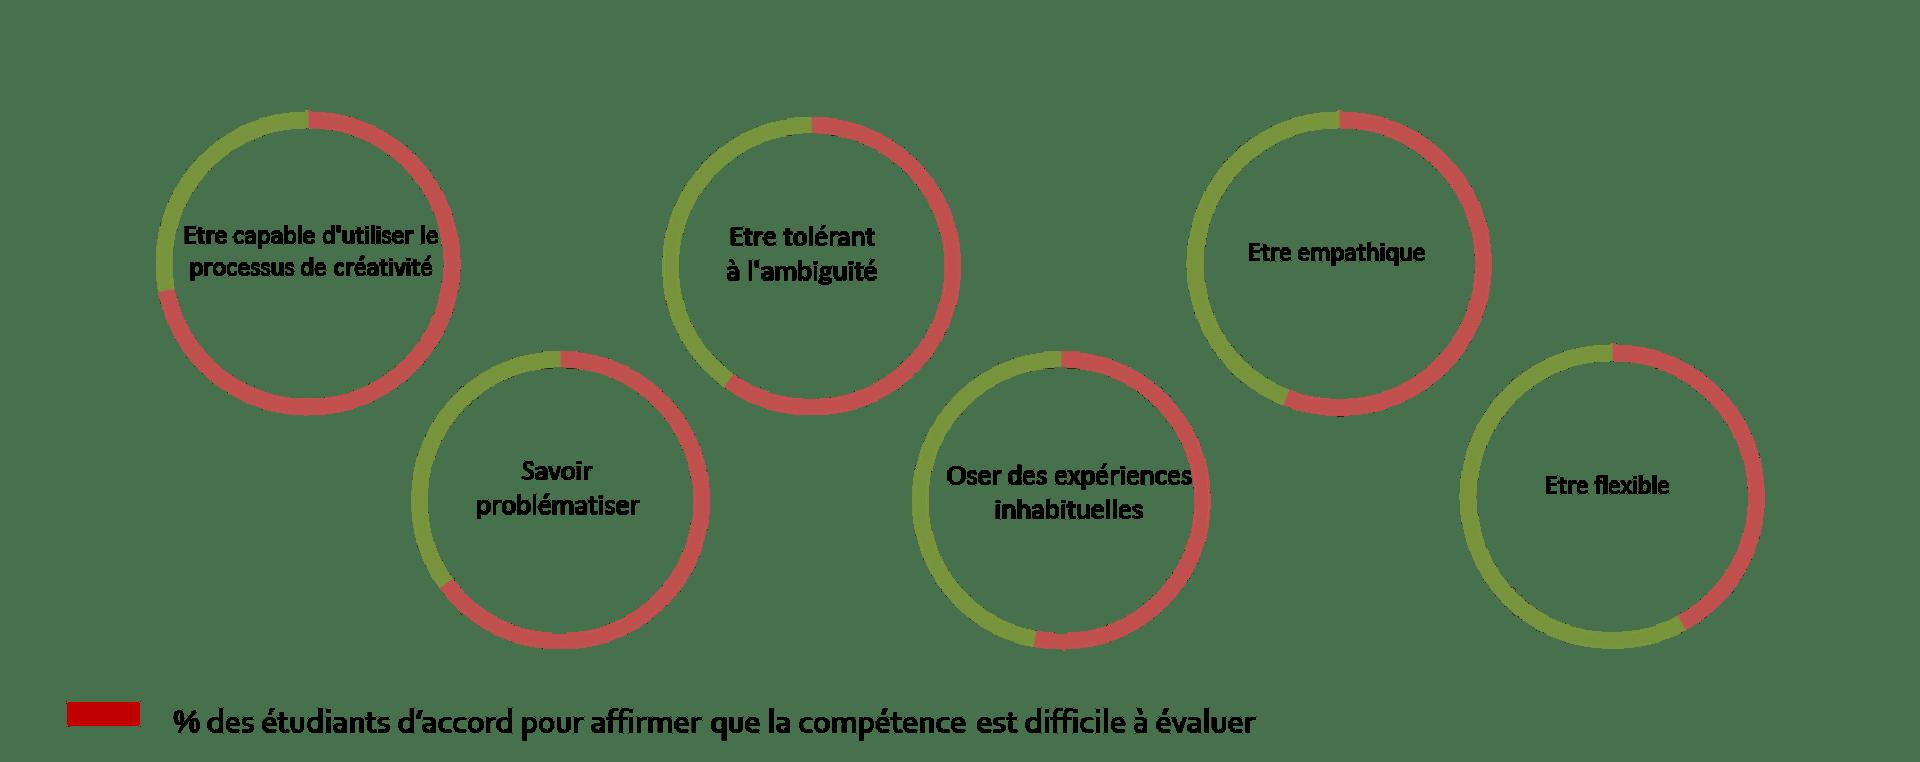 comment evaluer des competences sur un cv